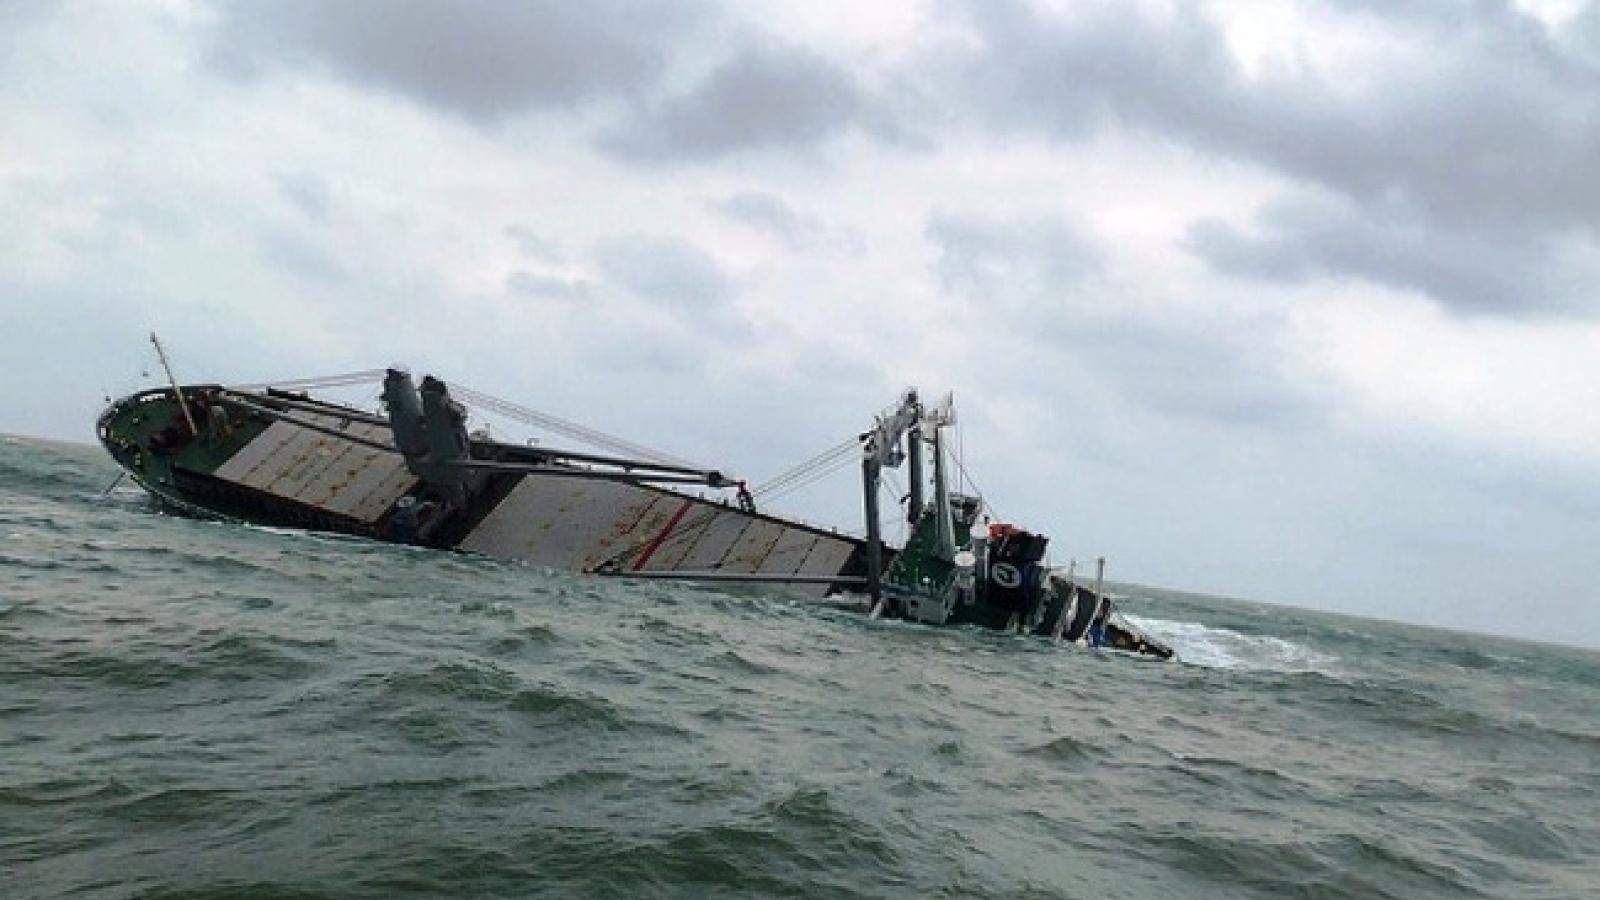 Liên tiếp nhiều ngư dân mất tích trên biển do tàu bị chìm